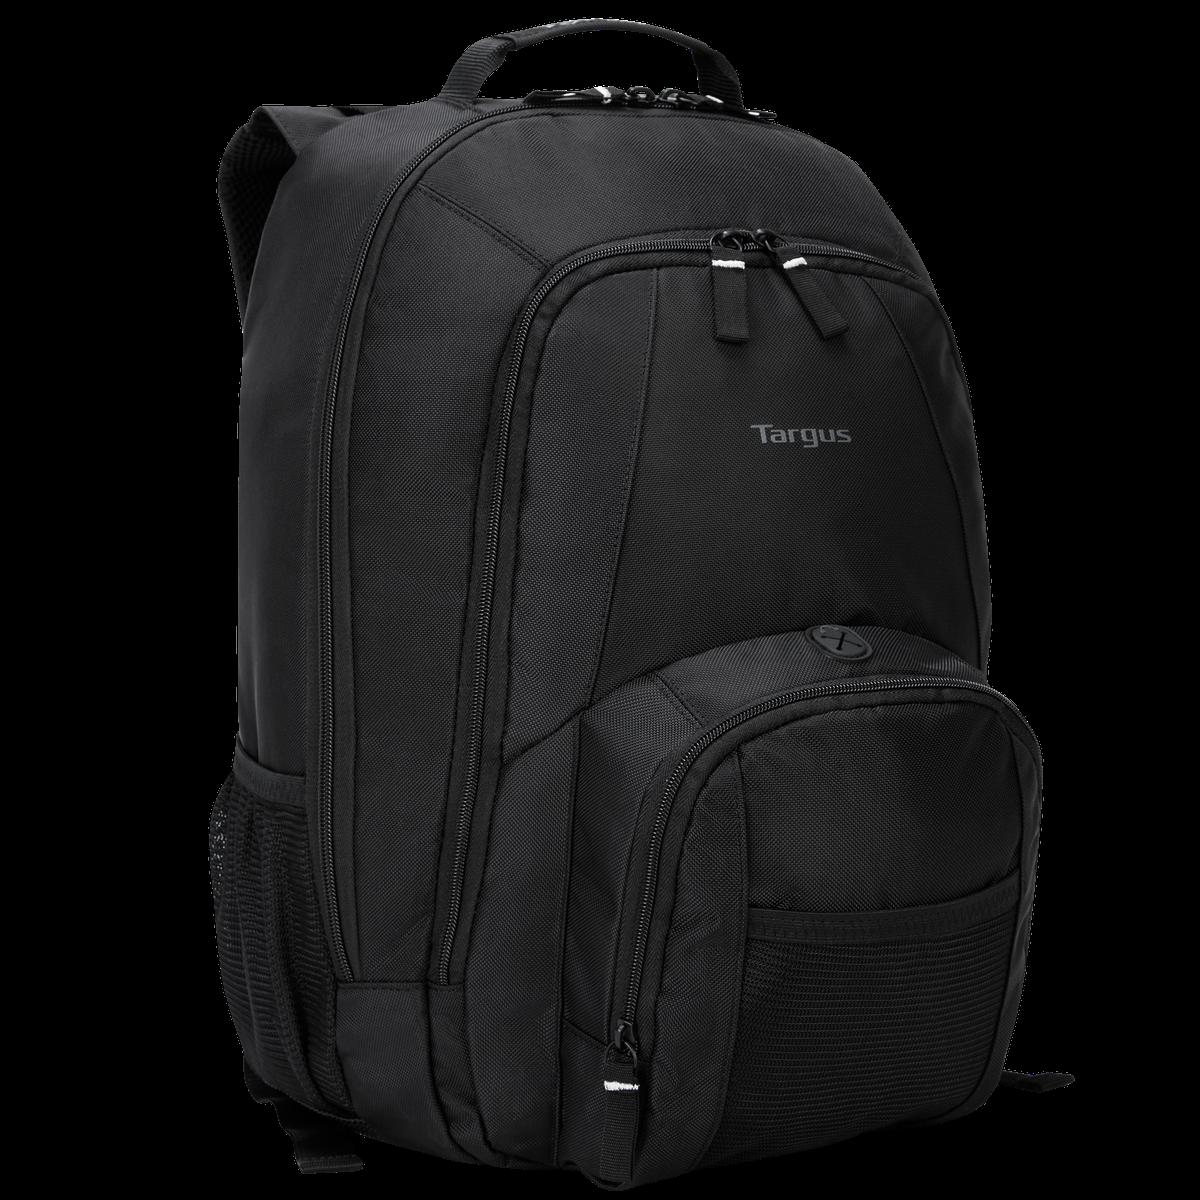 """16"""" Groove Laptop Backpack - CVR600 - Black: Backpacks: Targus"""